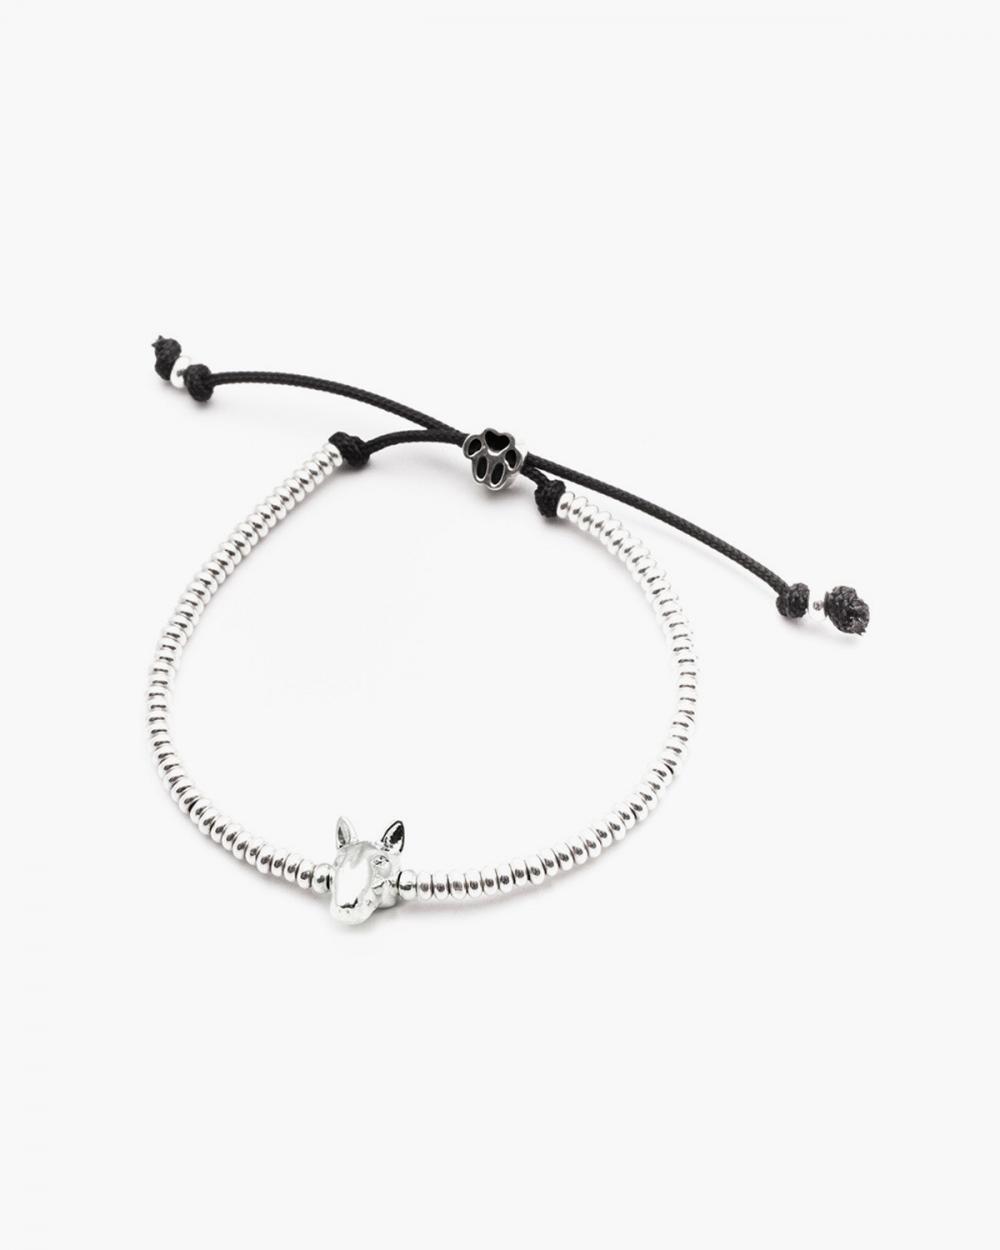 Bracelets BULL TERRIER SNOUT BRACELET / POLISHED SILVER NOVE25